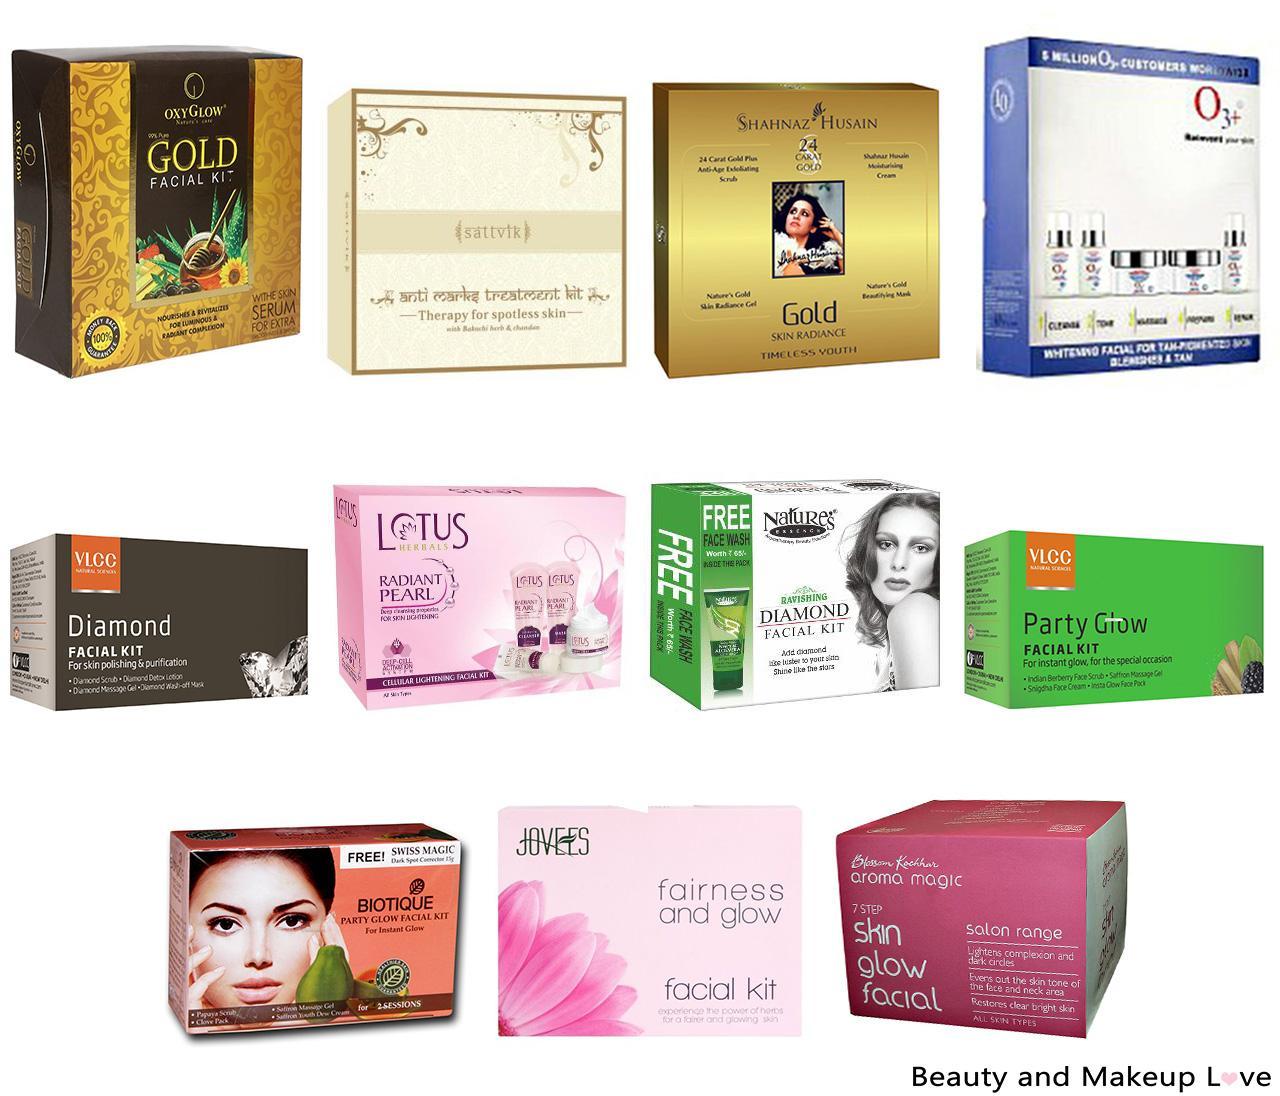 Top 11 Facial Kits in India